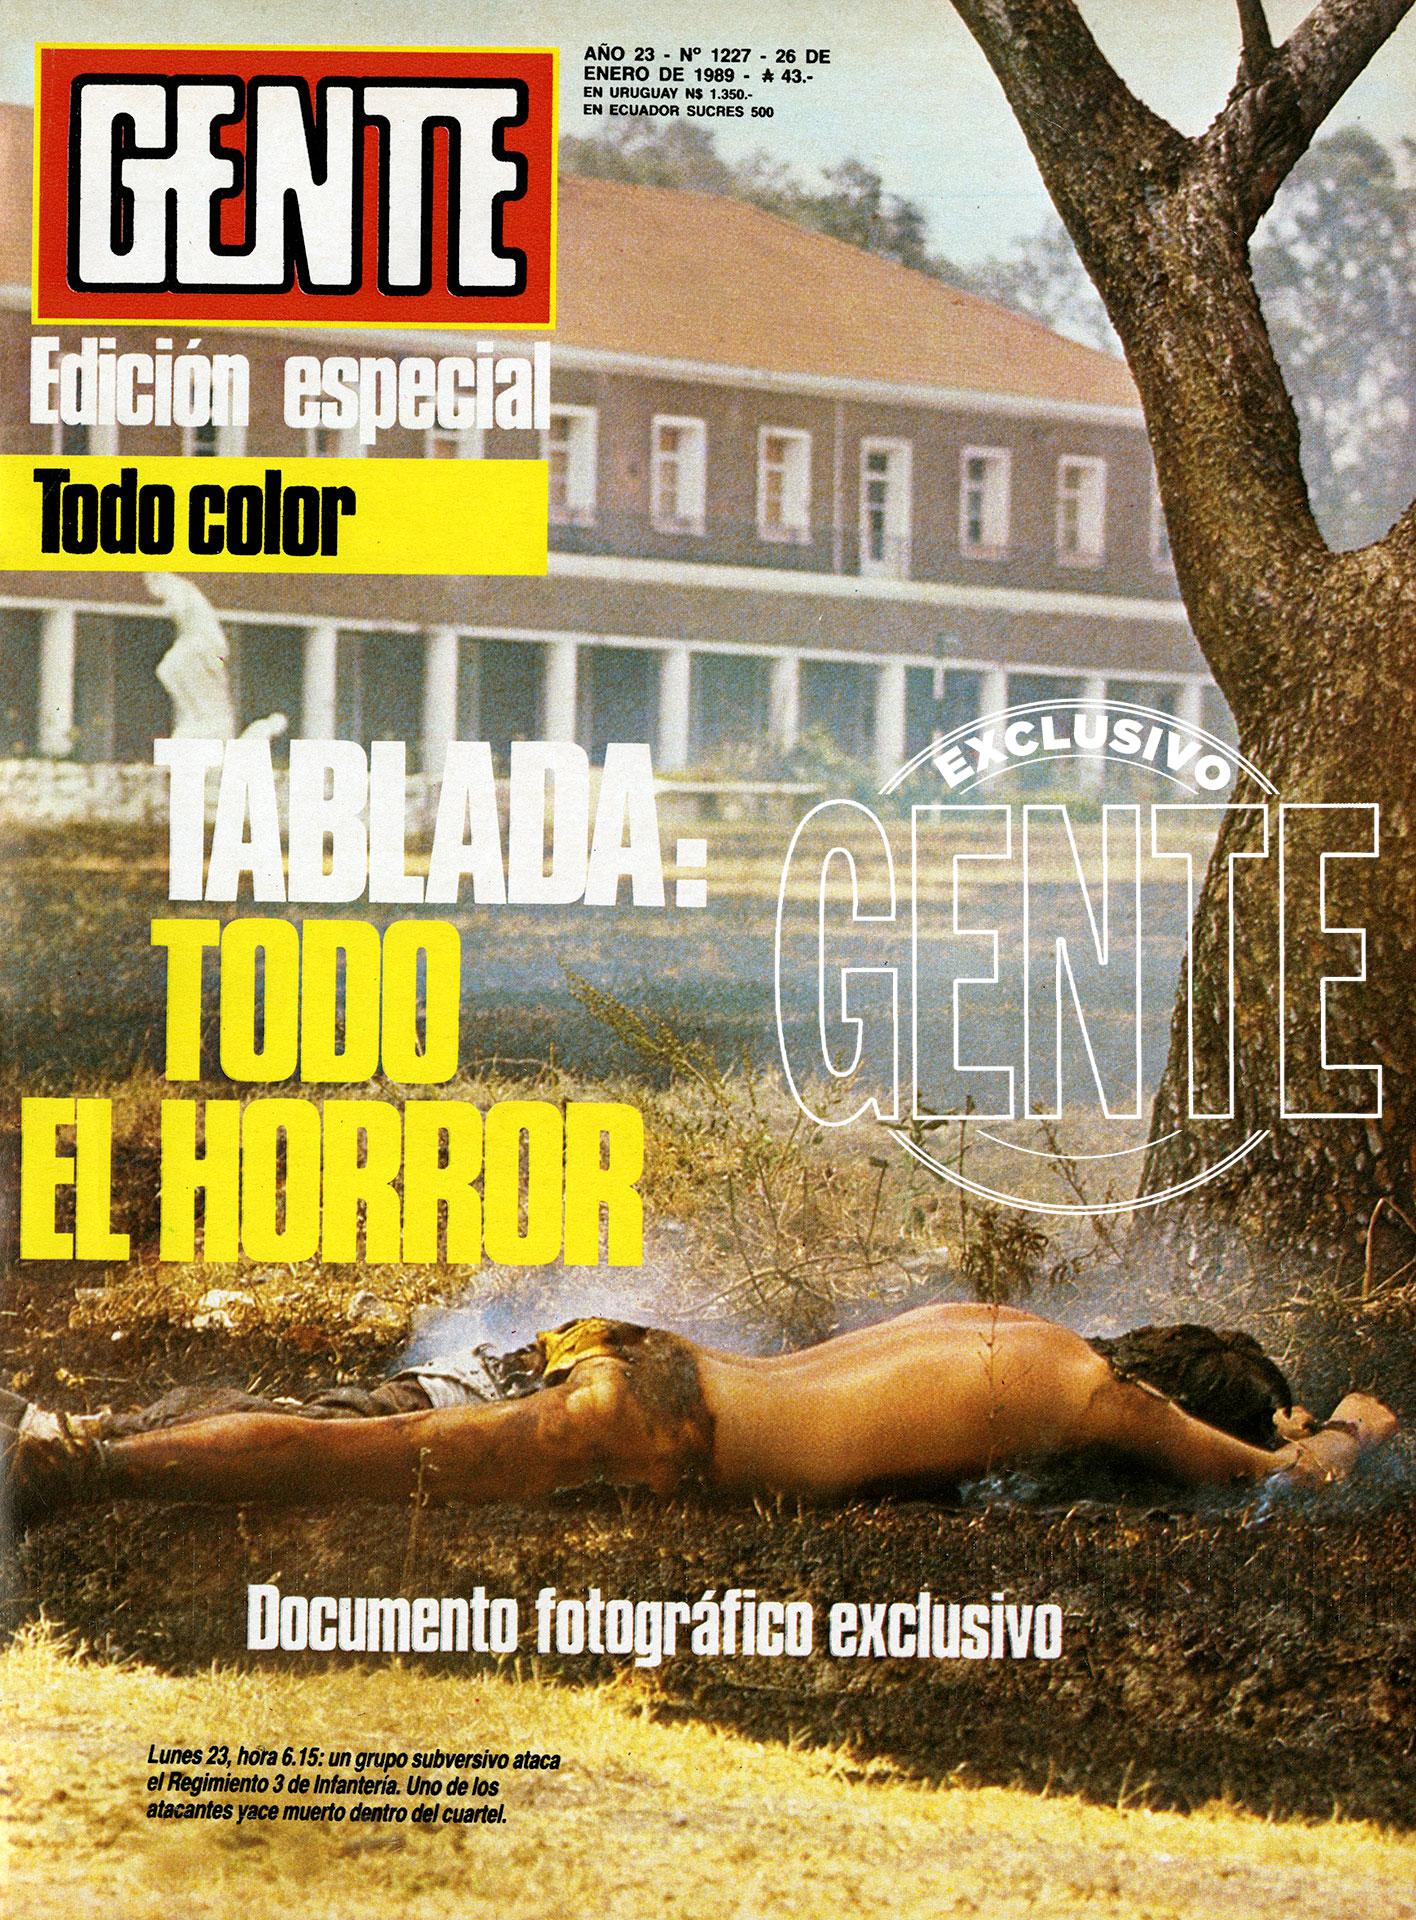 La edición histórica de GENTE. Las siguientes dos tapas de la revista también fueron consagradas a las repercusiones y la investigación del copamiento de La Tablada.